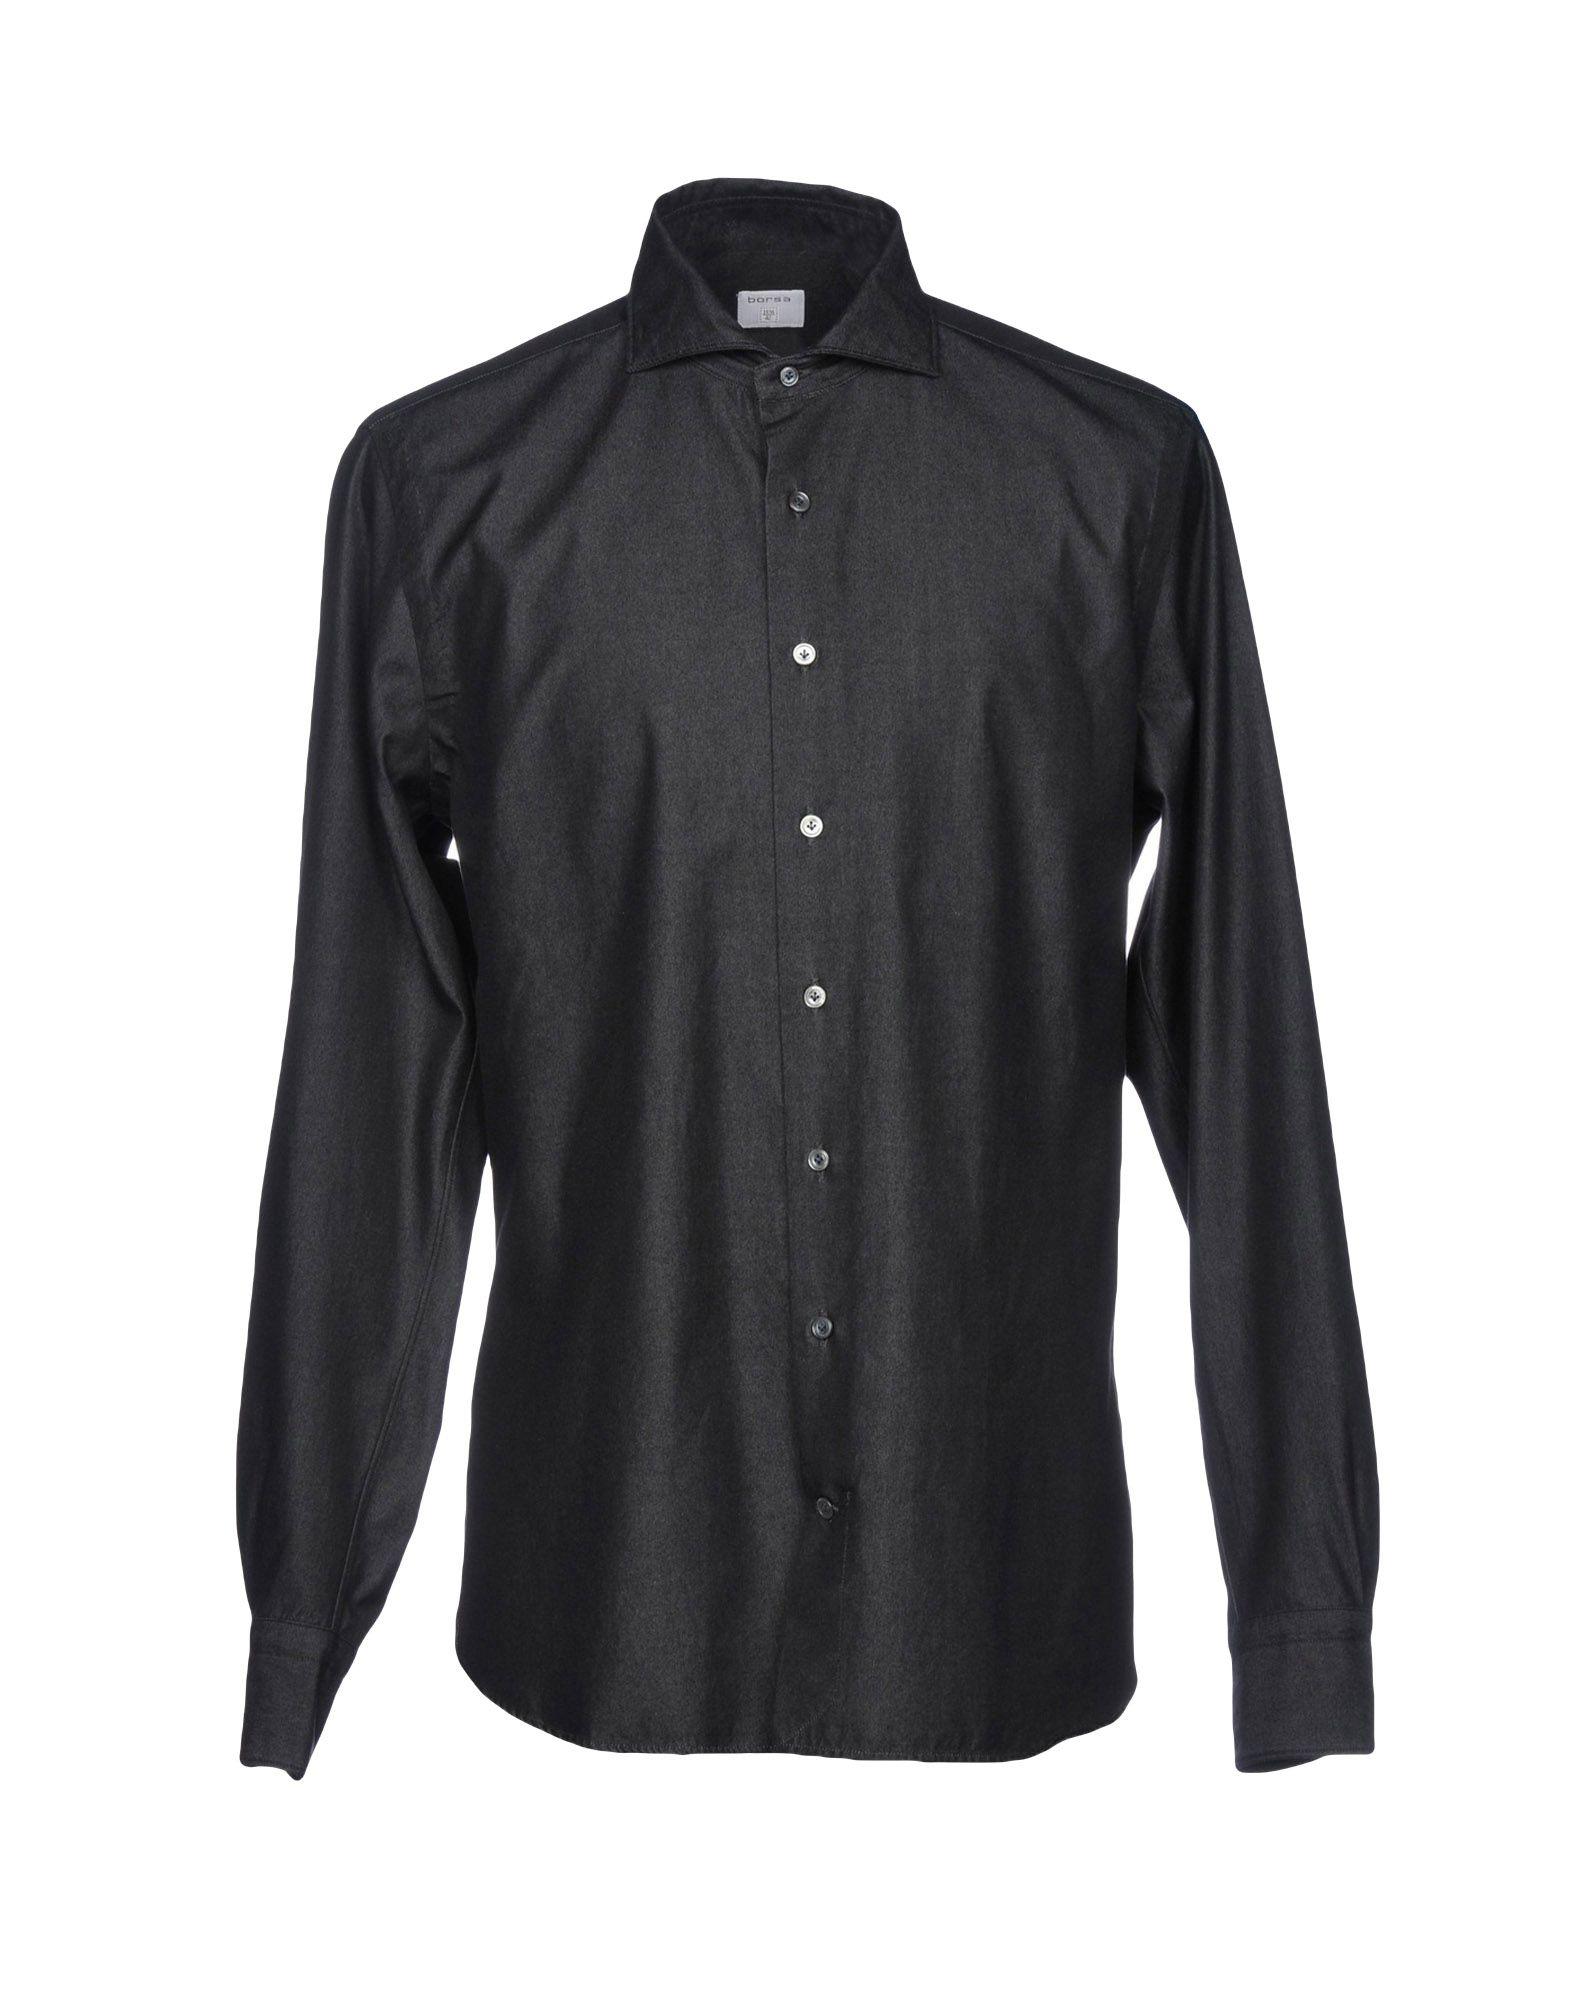 BORSA Denim Shirt in Steel Grey